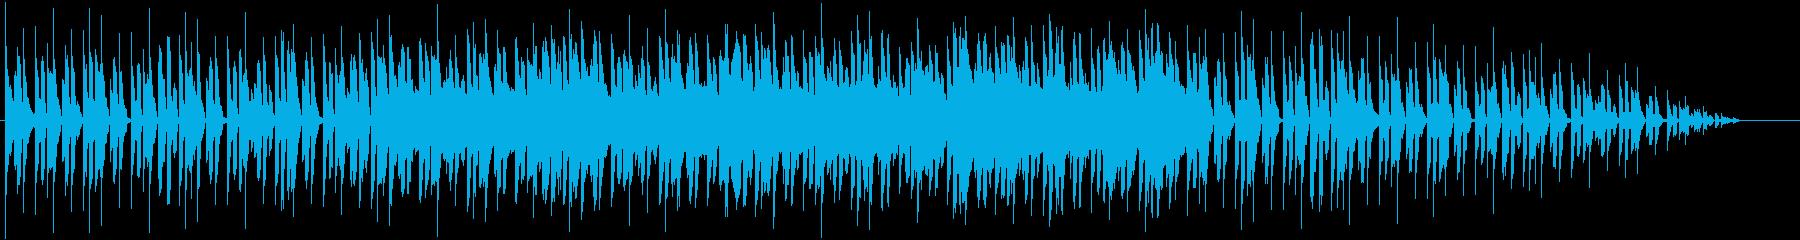 コミカル中華風の再生済みの波形